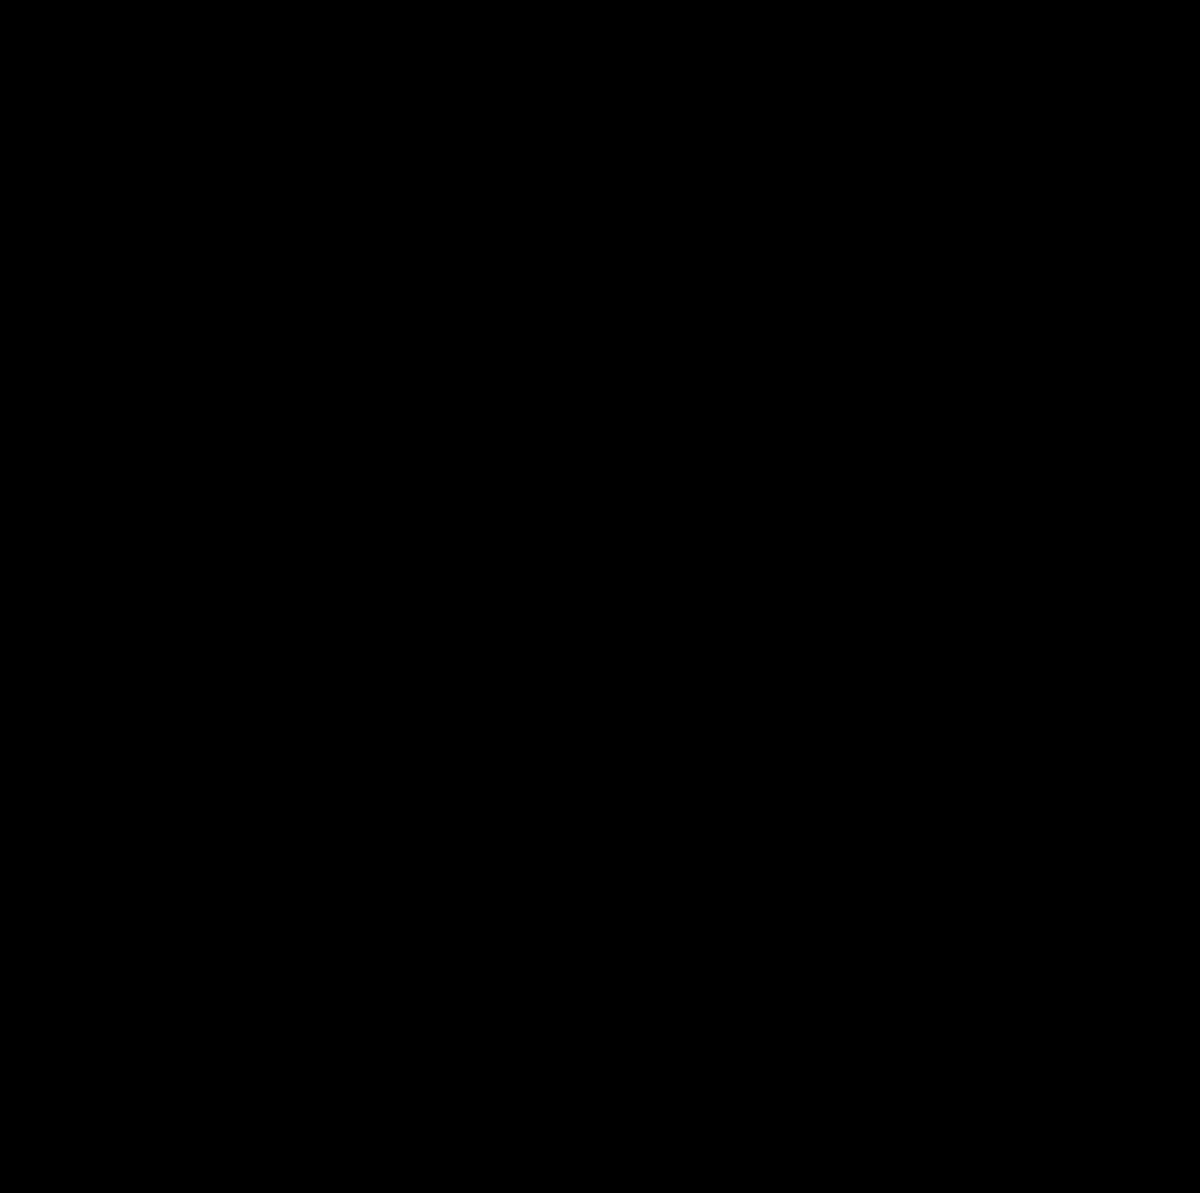 evhbumblebee